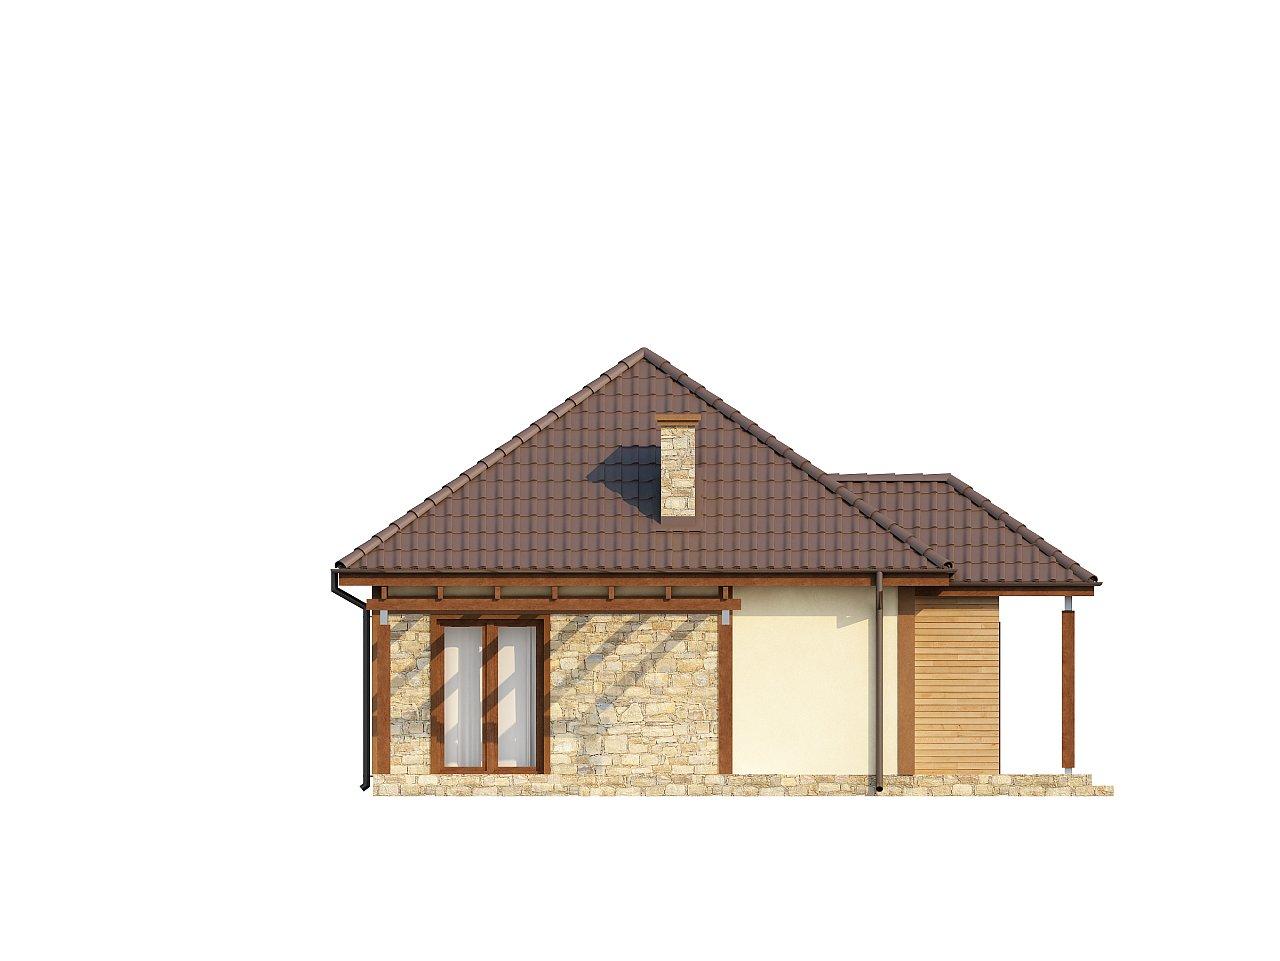 Проект маленького уютного дома с функциональной планировкой. Оснащен всем необходимым для постоянного проживания. - фото 4